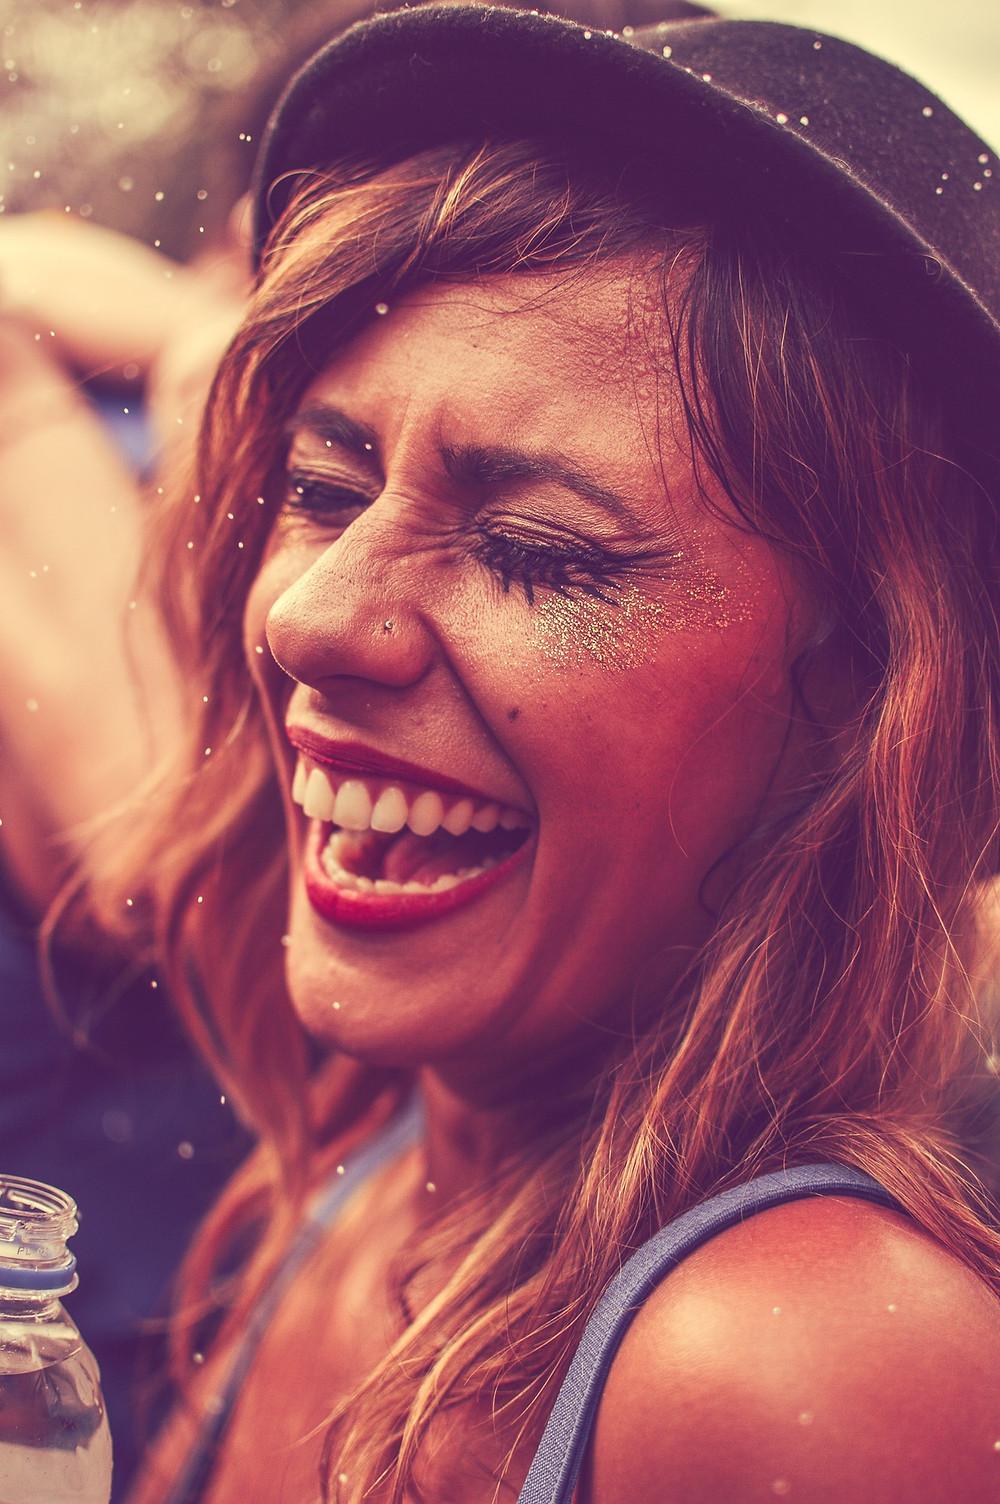 A Woman enjoying a festival